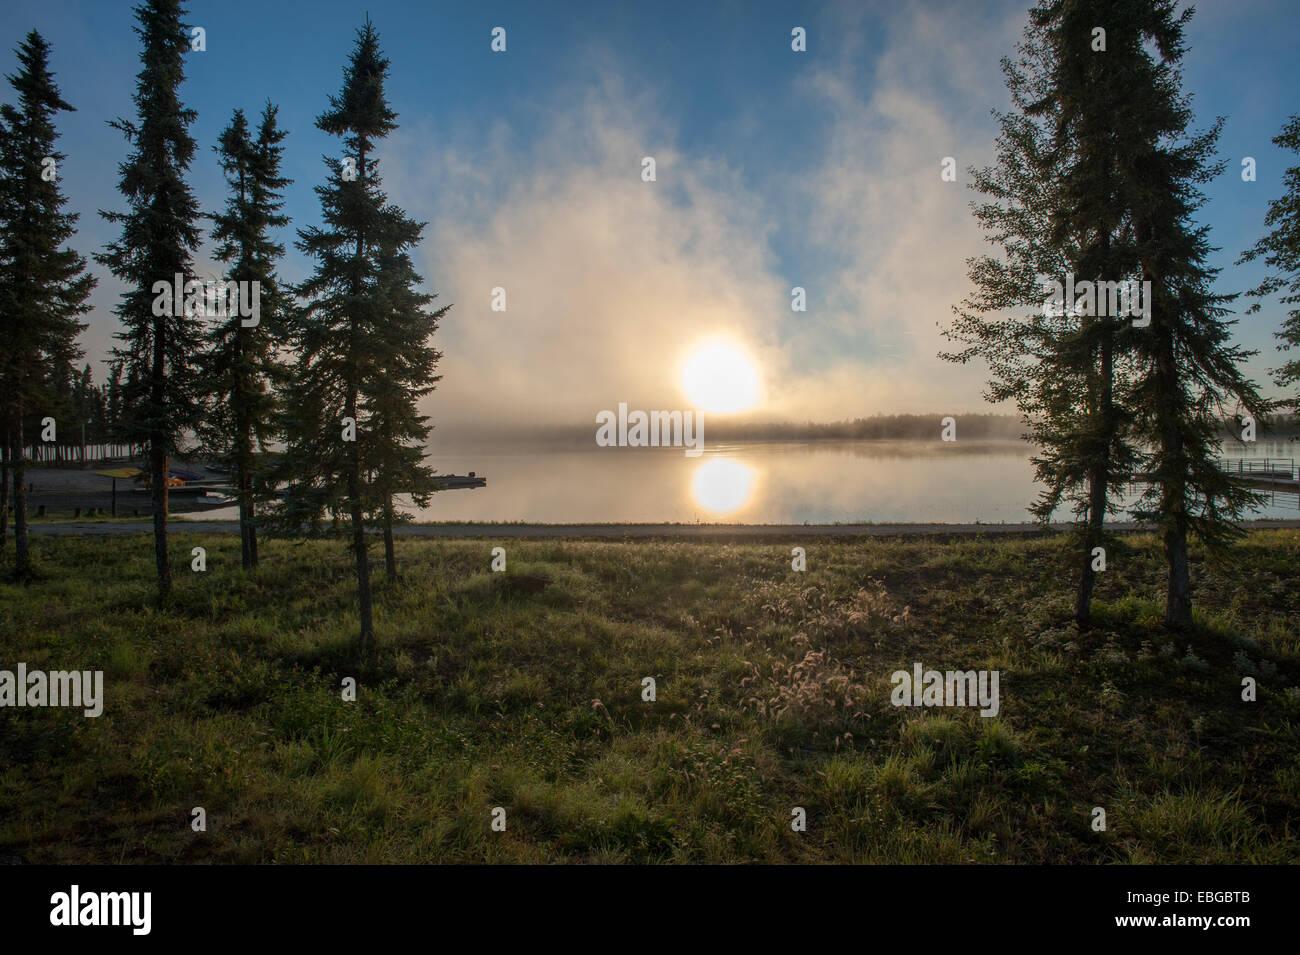 Atardecer en Chena Lagos área recreativa, Alaska Imagen De Stock